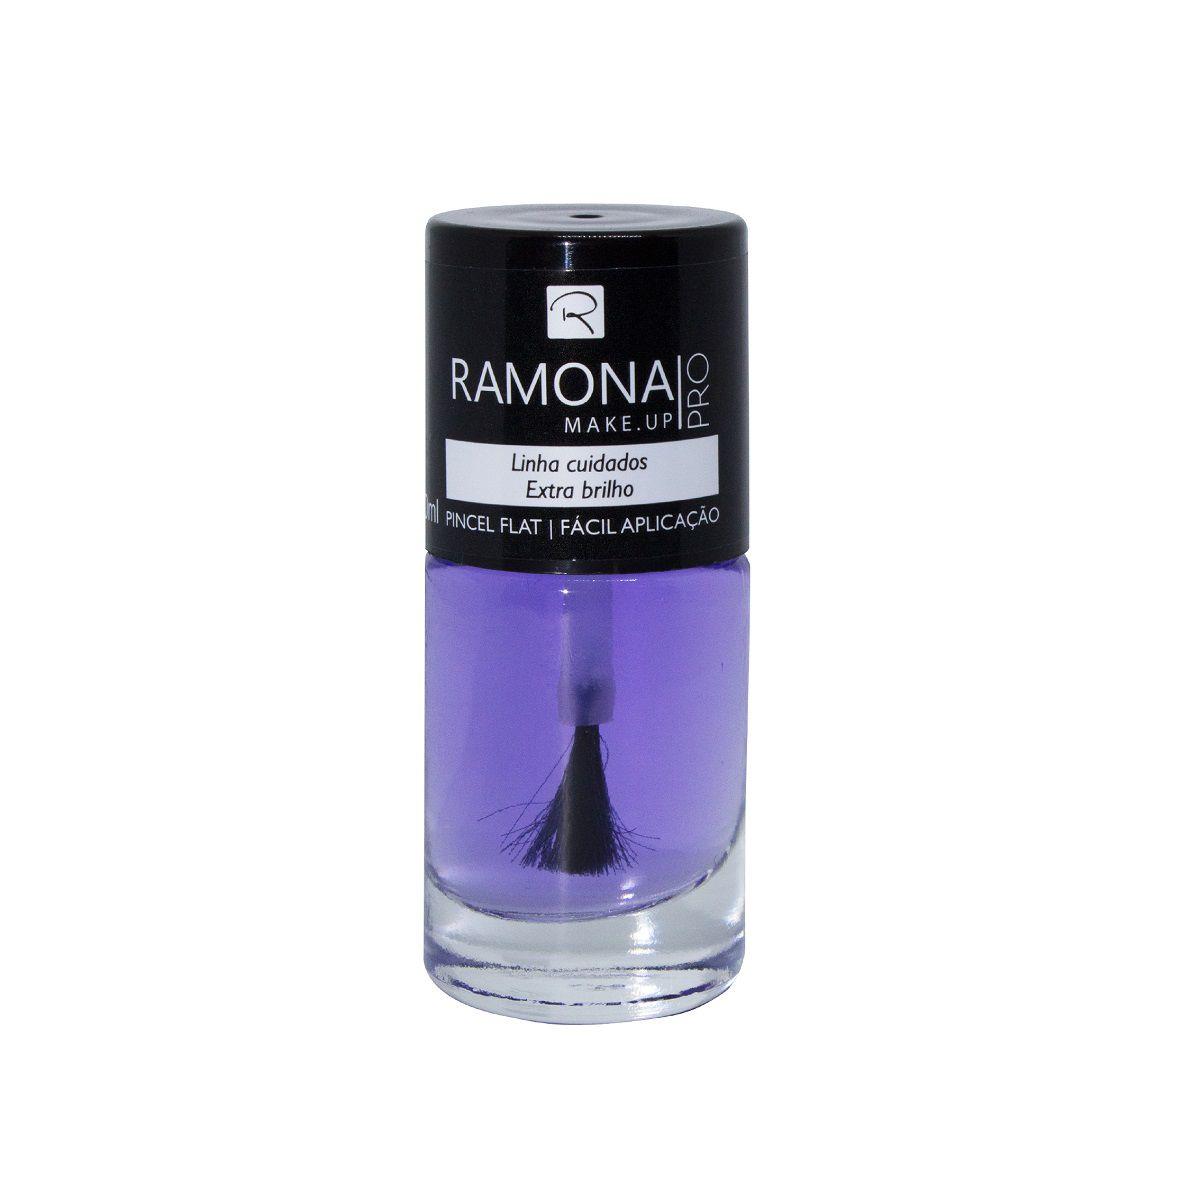 Esmalte Extra brilho Ramona Cosméticos 10ml